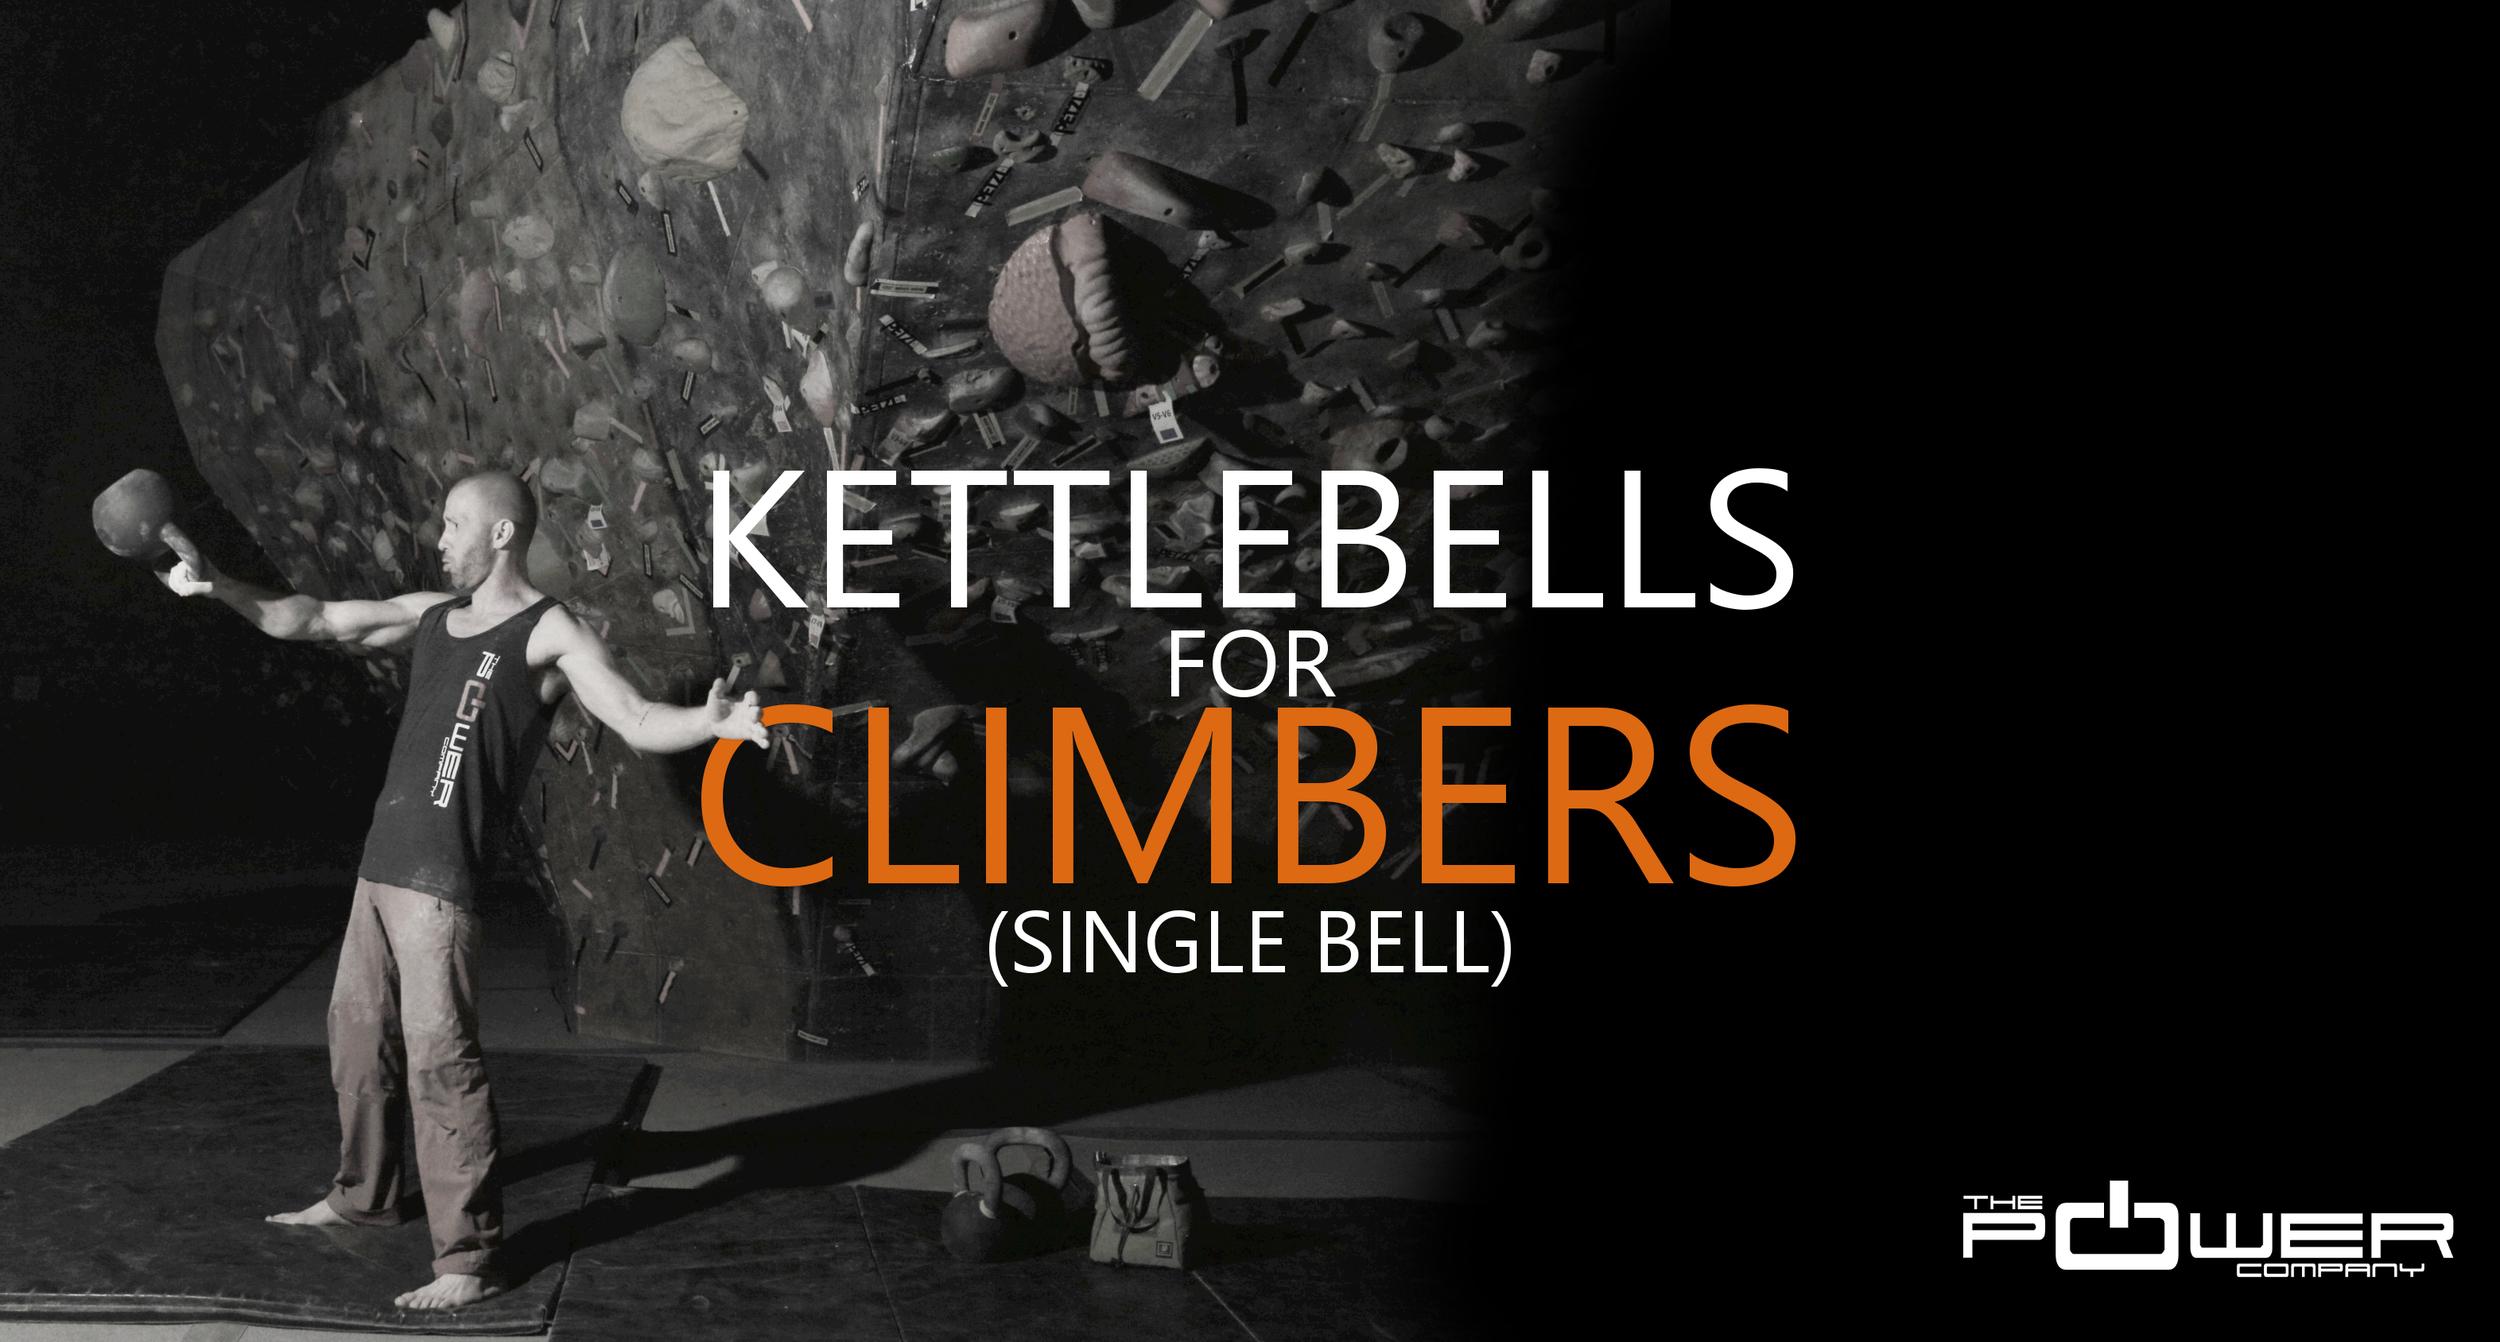 kettlebells for climbers ebook